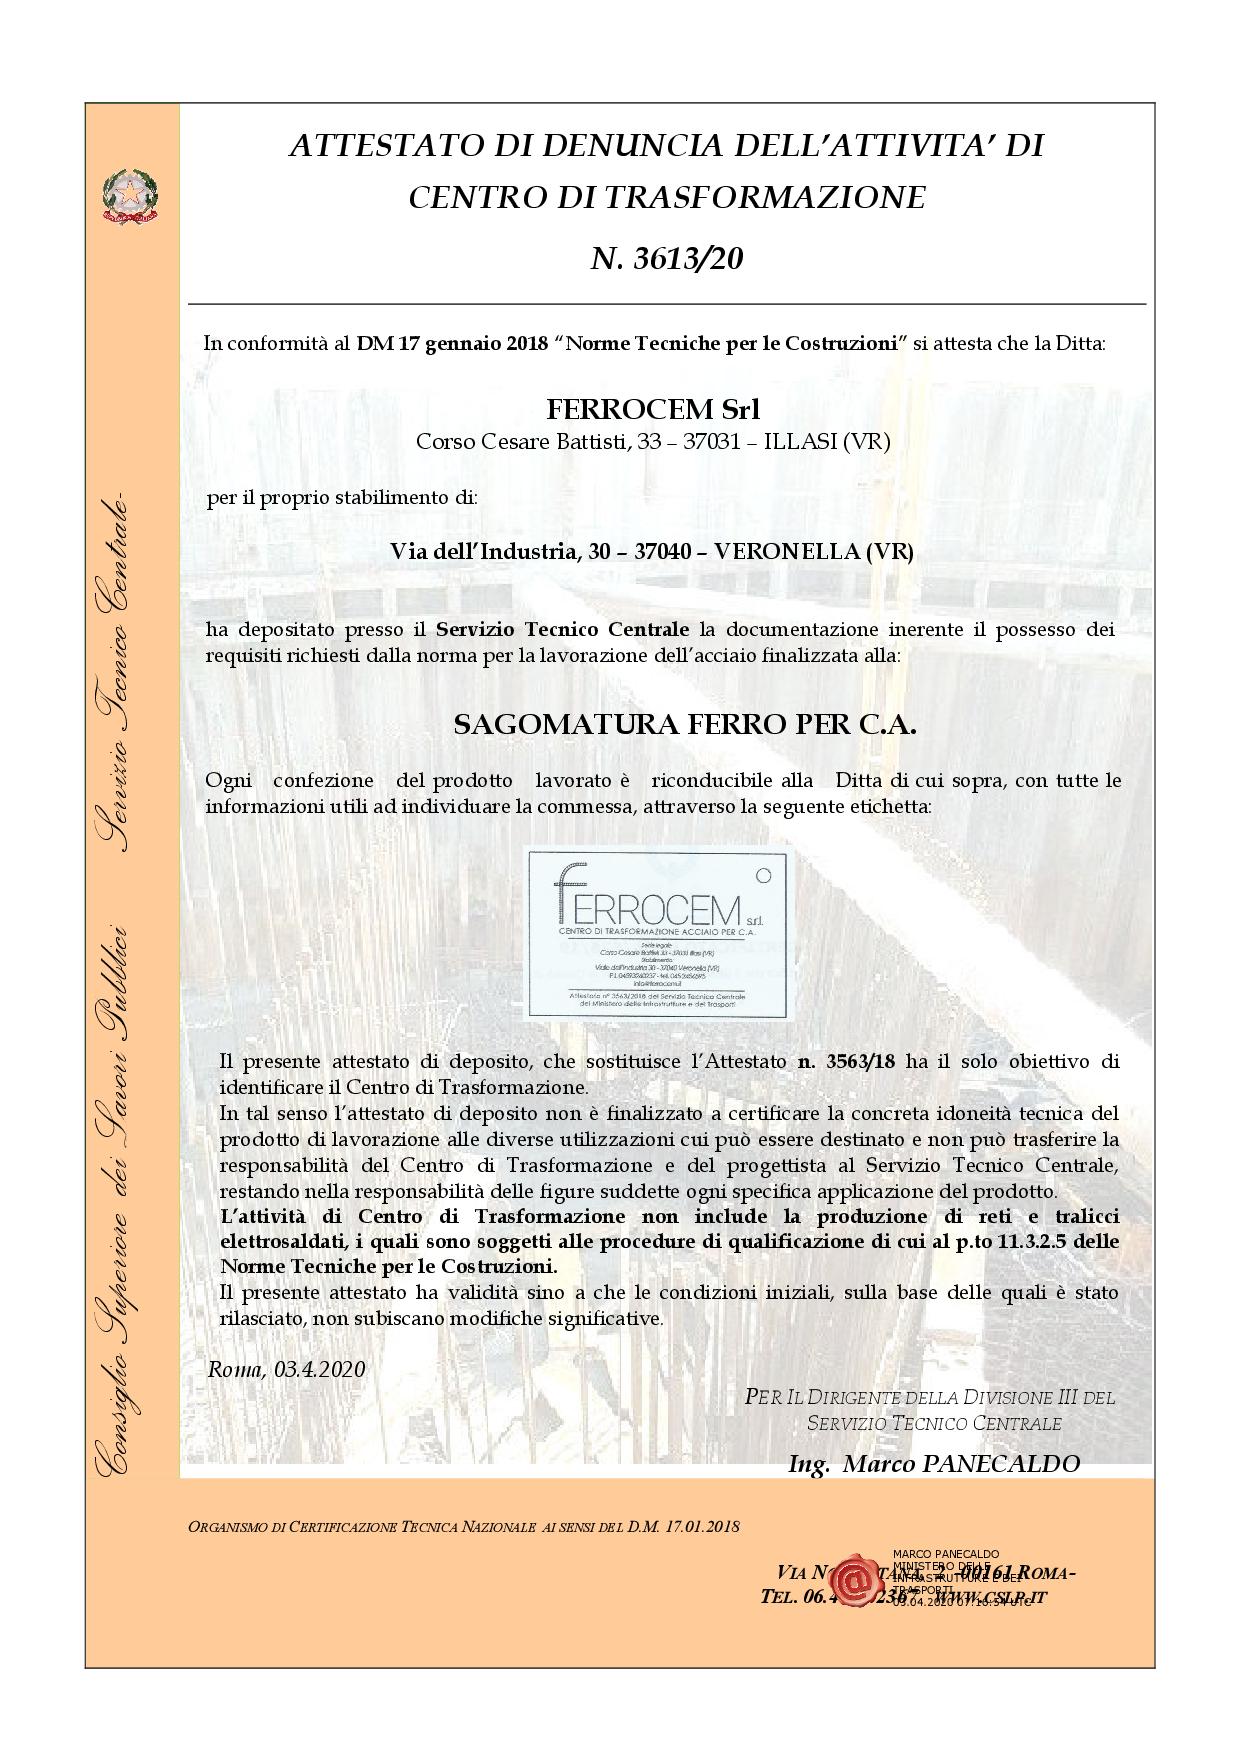 attestato-3613-20-cslp